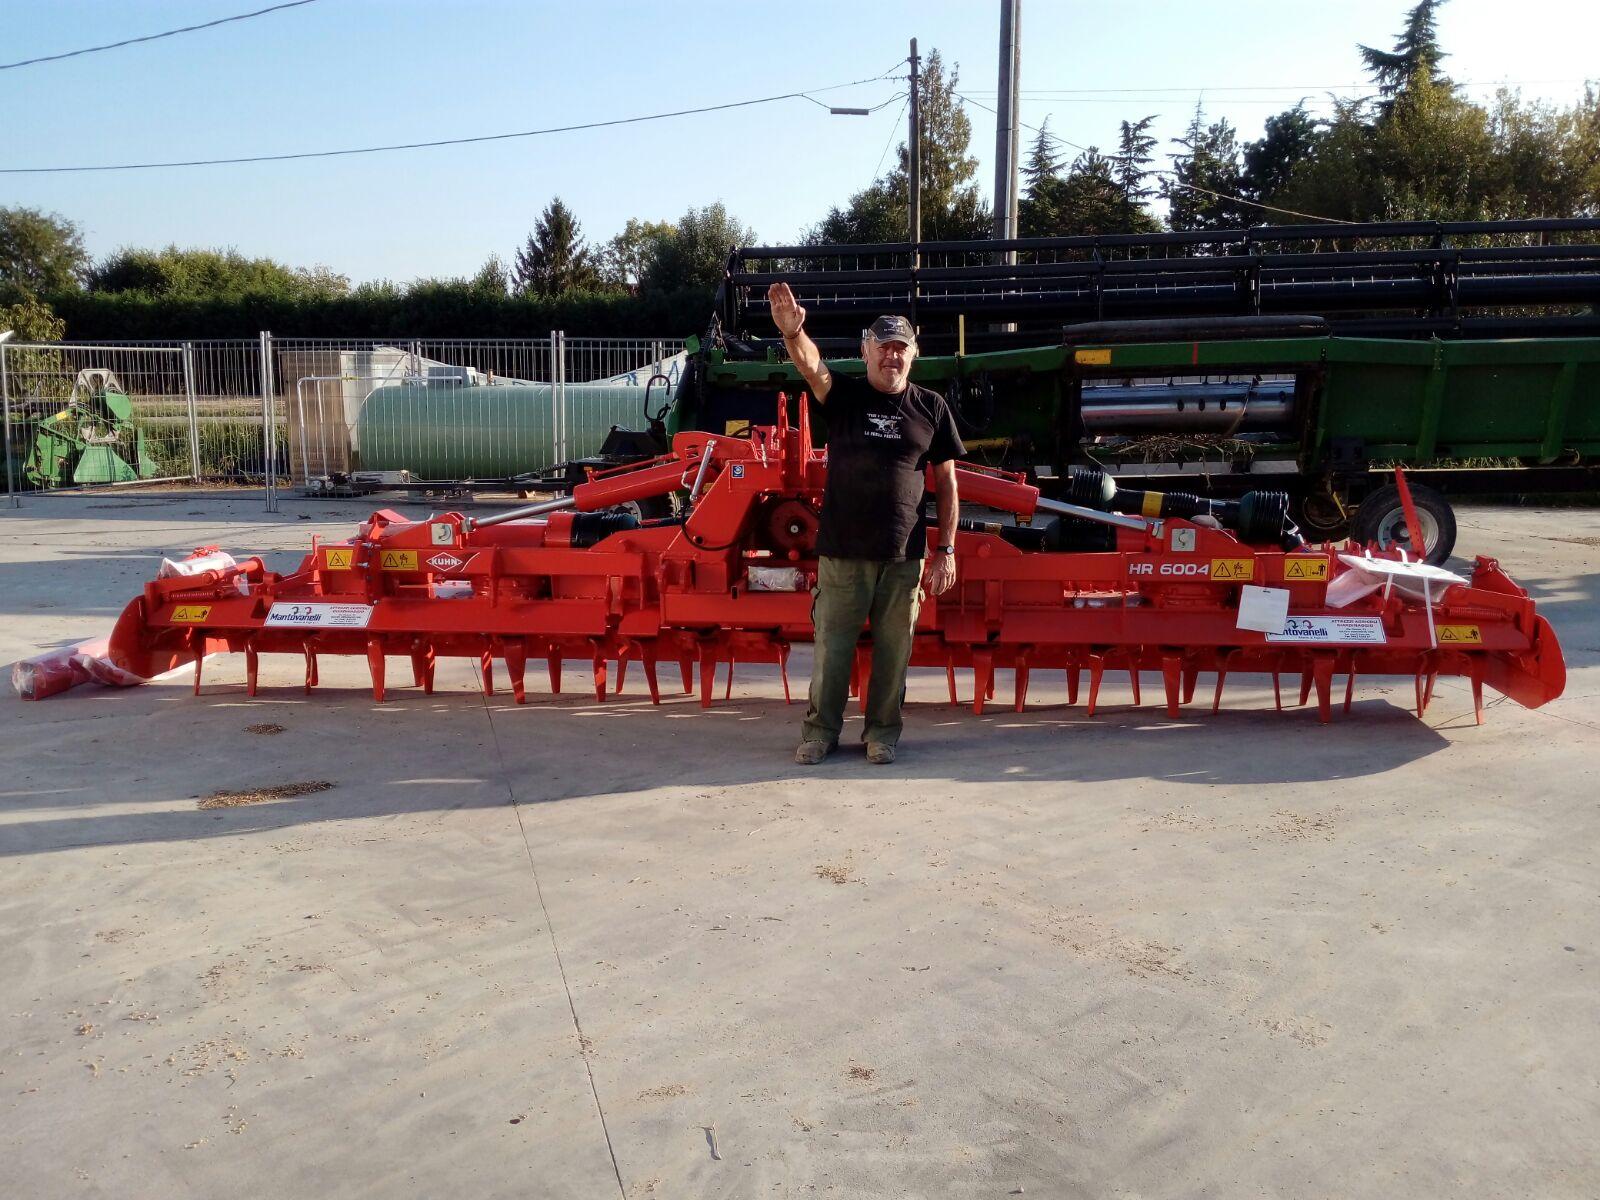 Azienda Agricola G.l.a di Stoppato